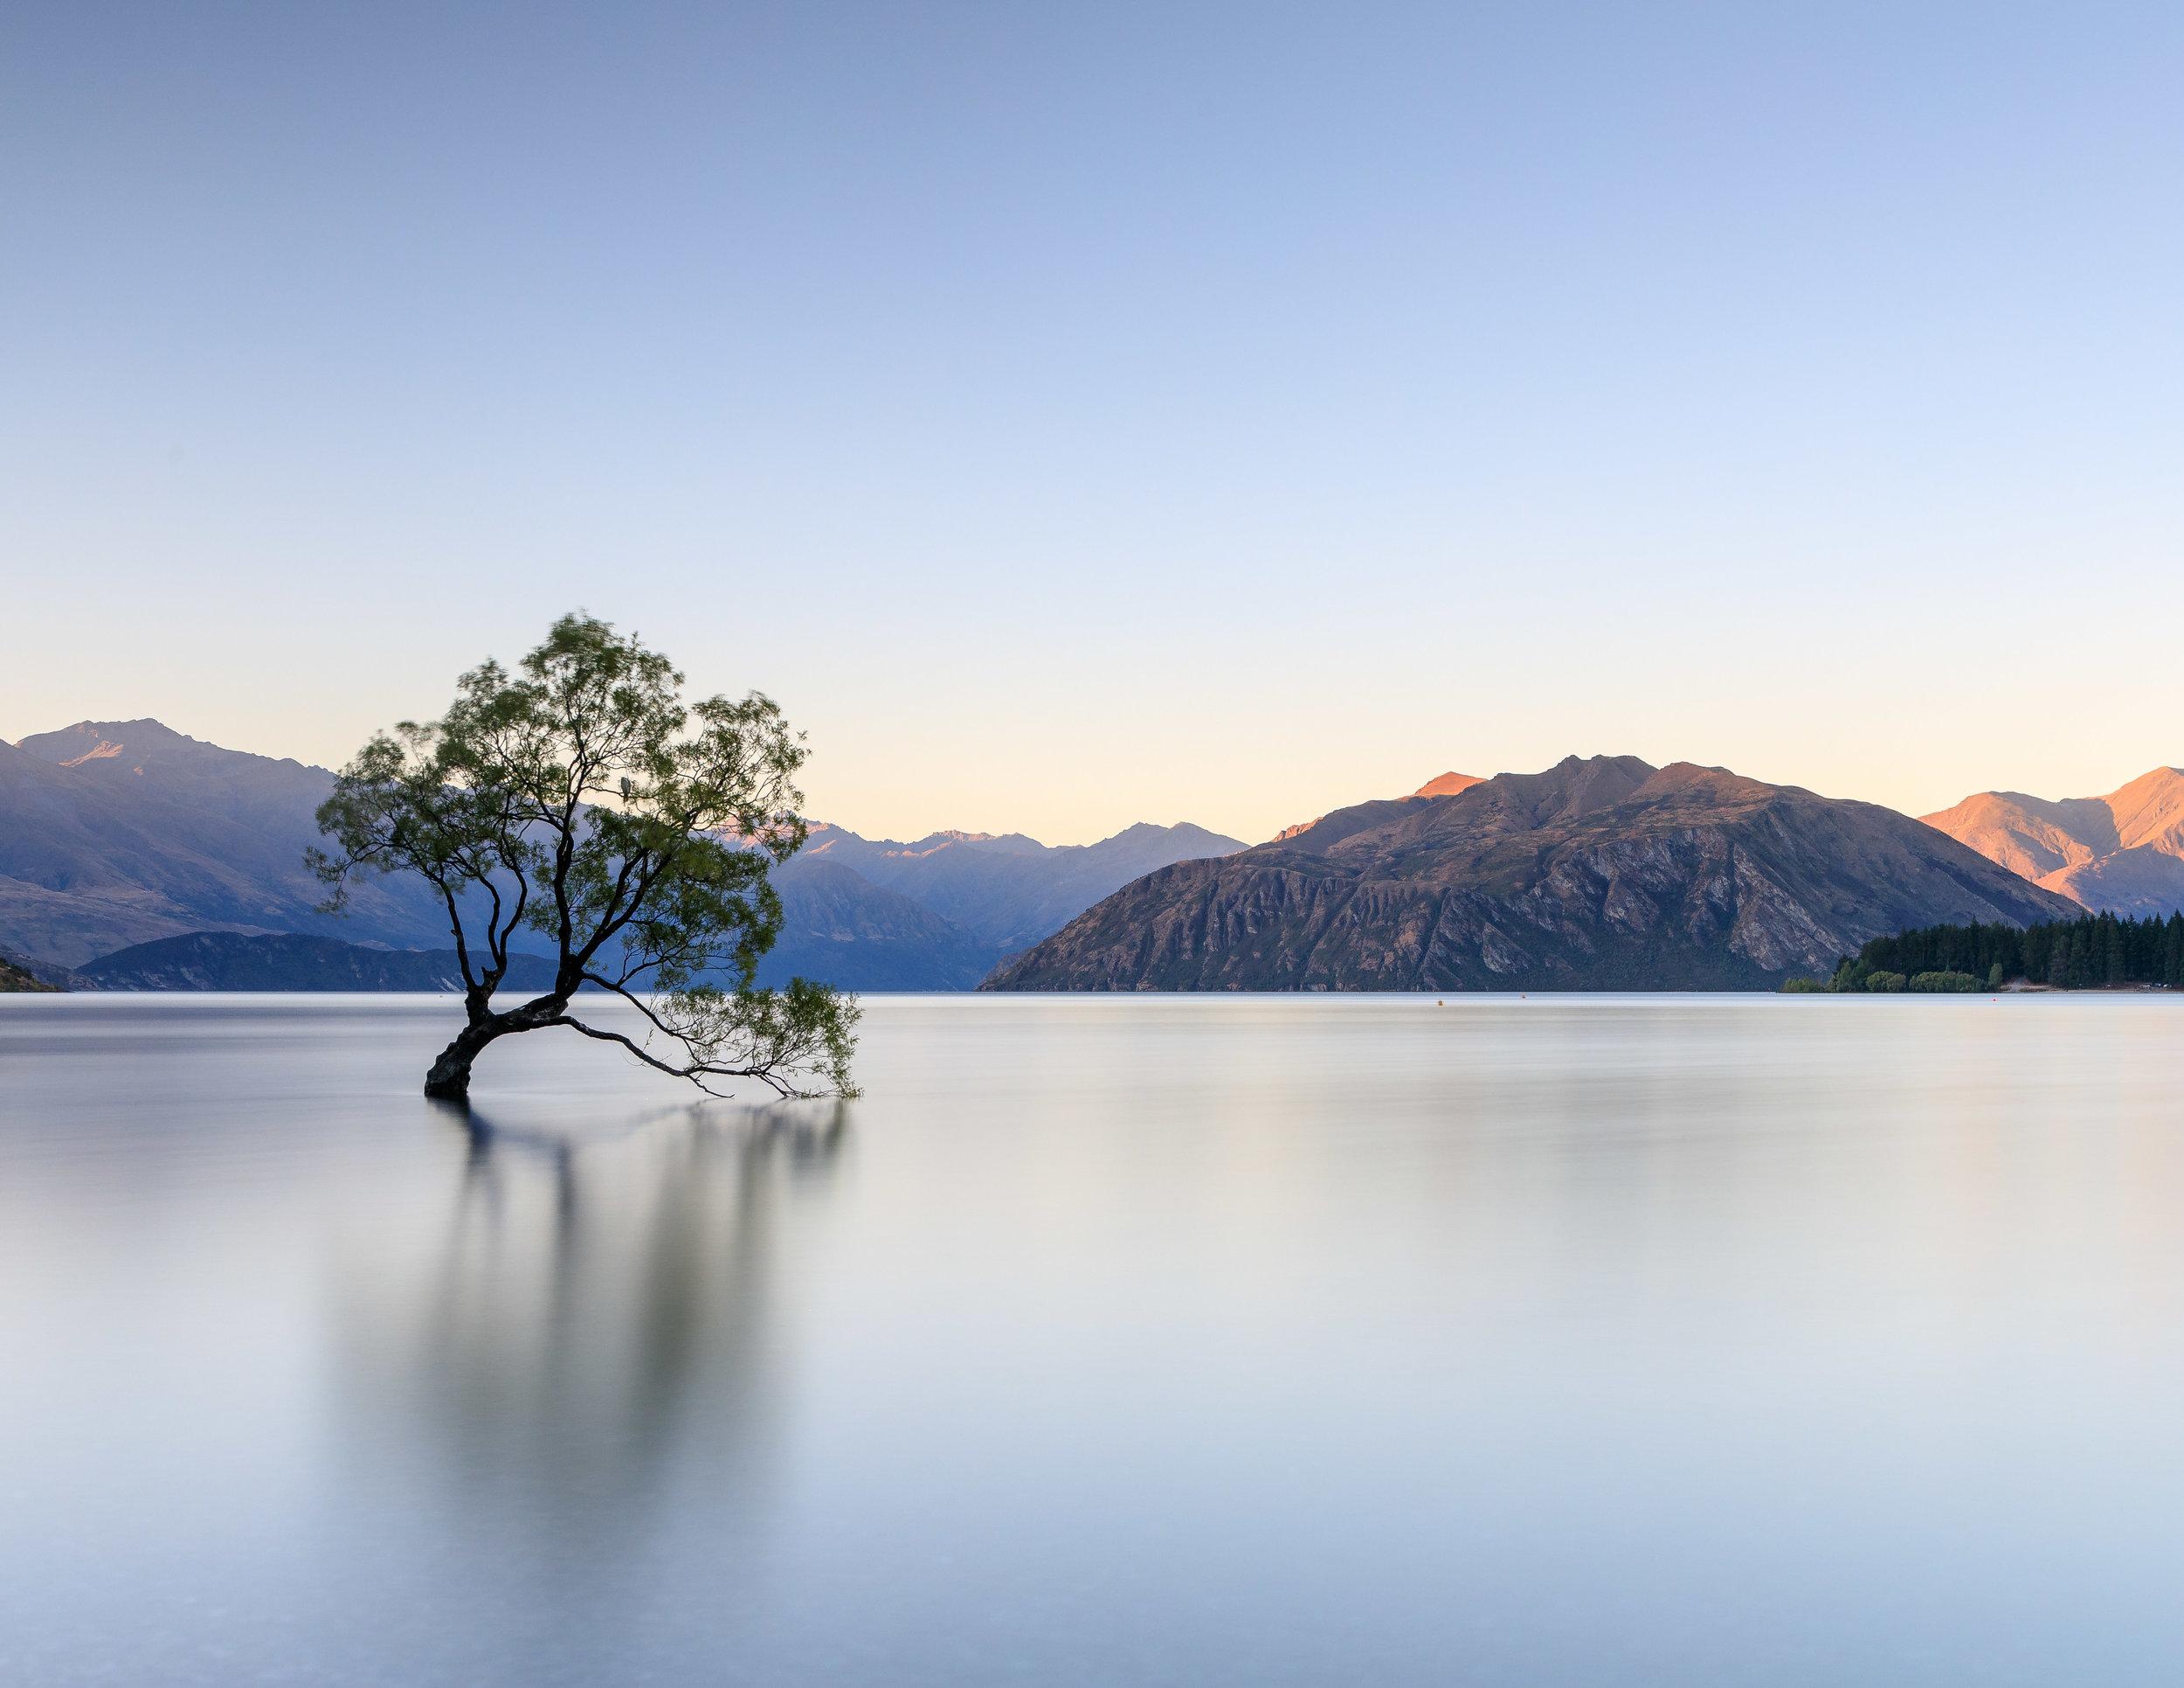 That Wanaka Tree, Wanaka New Zealand